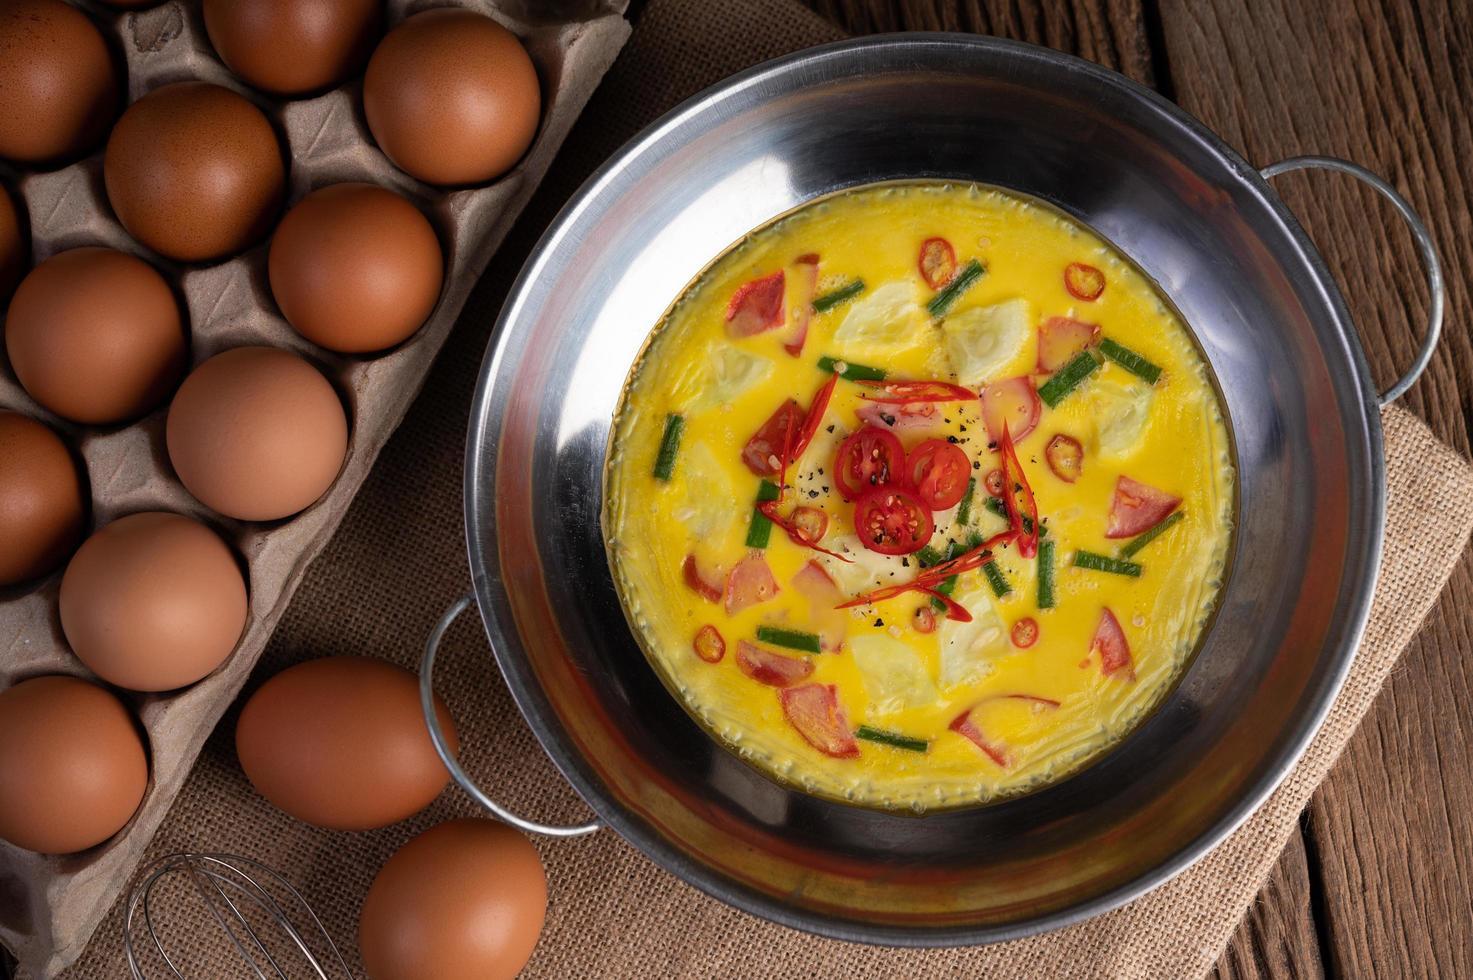 oeufs au piment, oignon nouveau et tomate photo